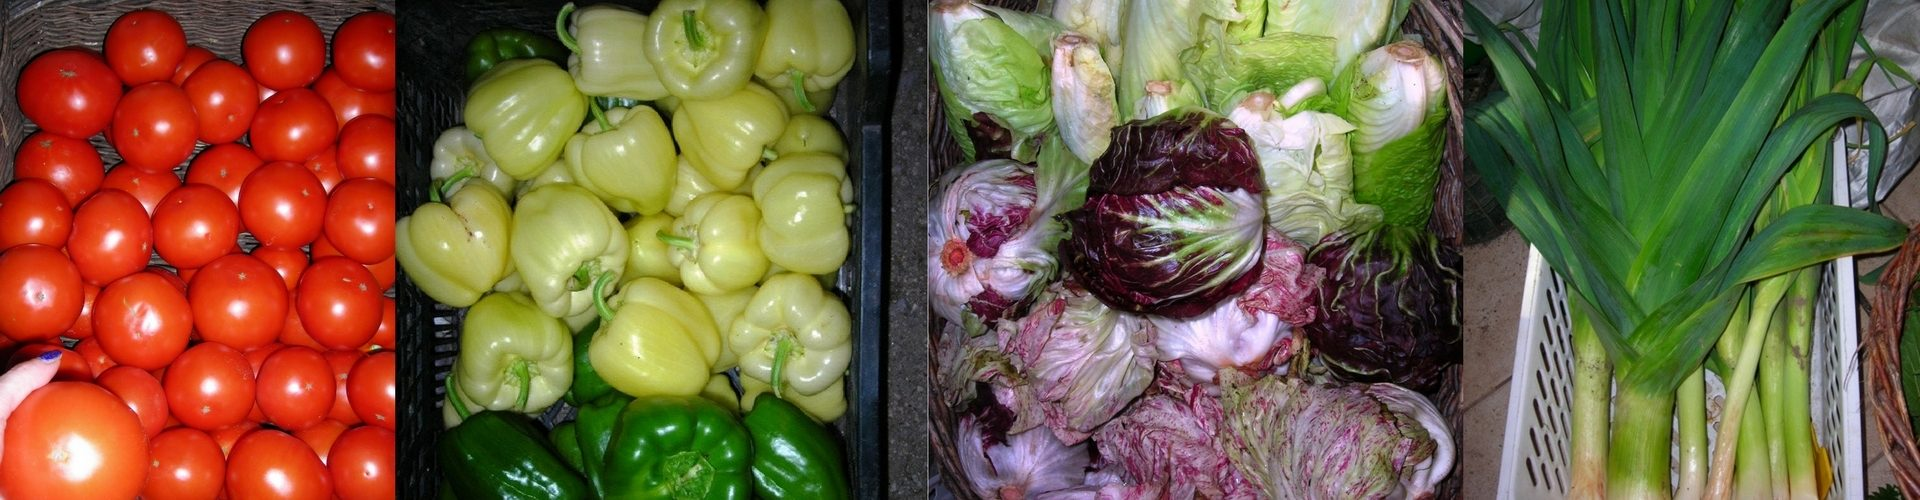 domača zelenjava